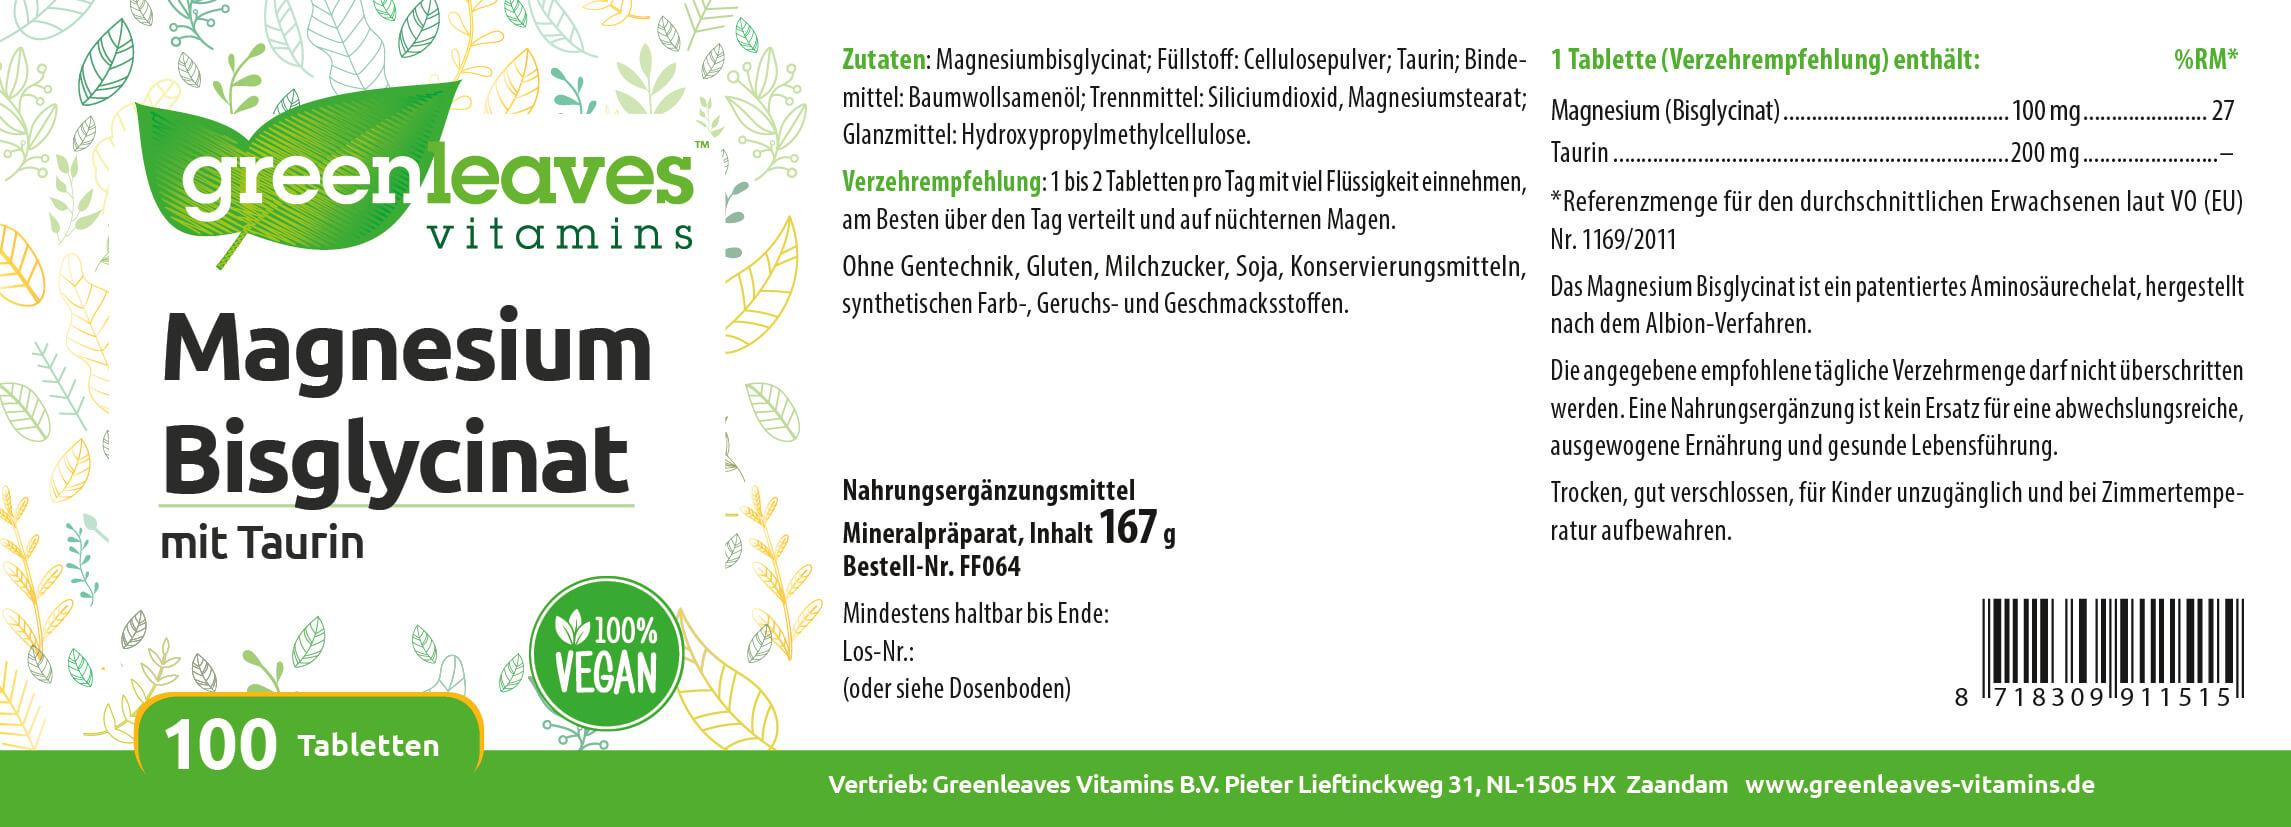 FF064-Magnesium-bisglycinat